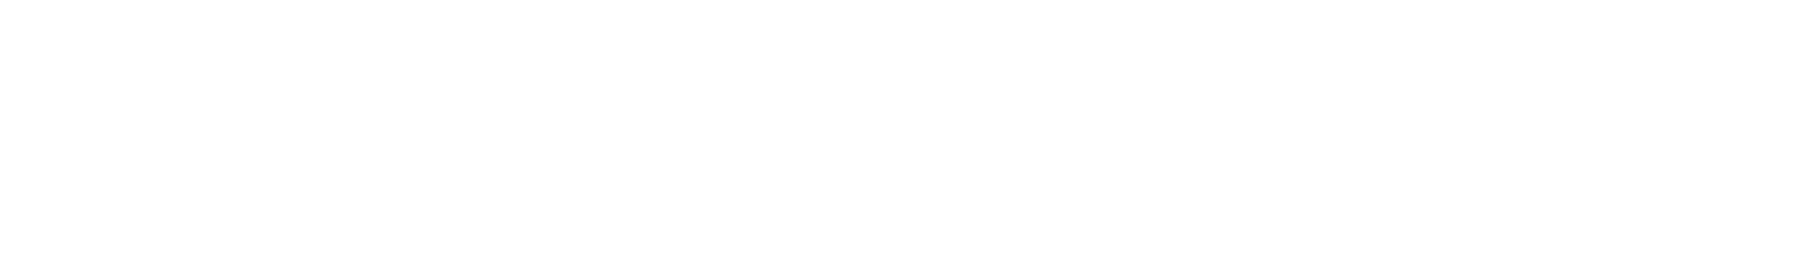 180622 vocalpb wav